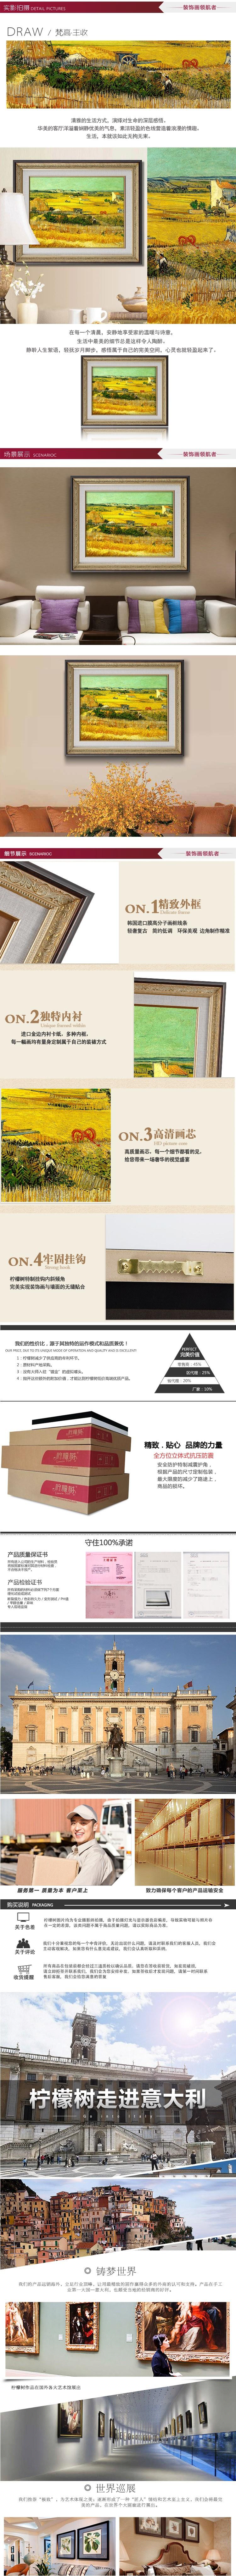 柠檬树家居装饰专场卧室客厅装饰画 梵高丰收k14-1011